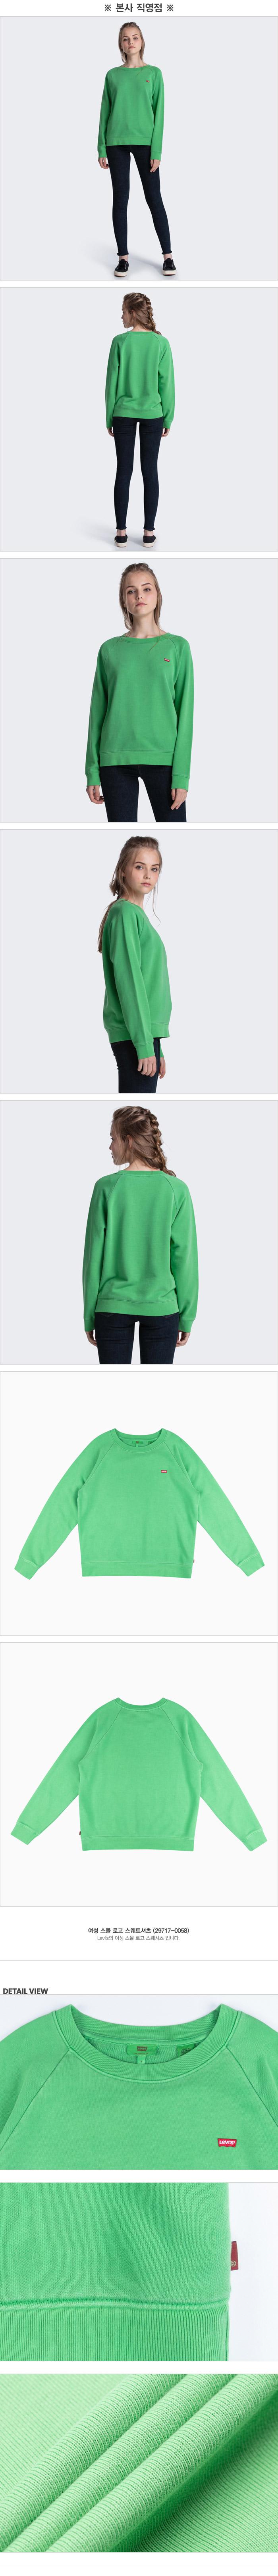 리바이스(LEVI'S) 여성 스몰 로고 스웻셔츠 티셔츠_29717-0058